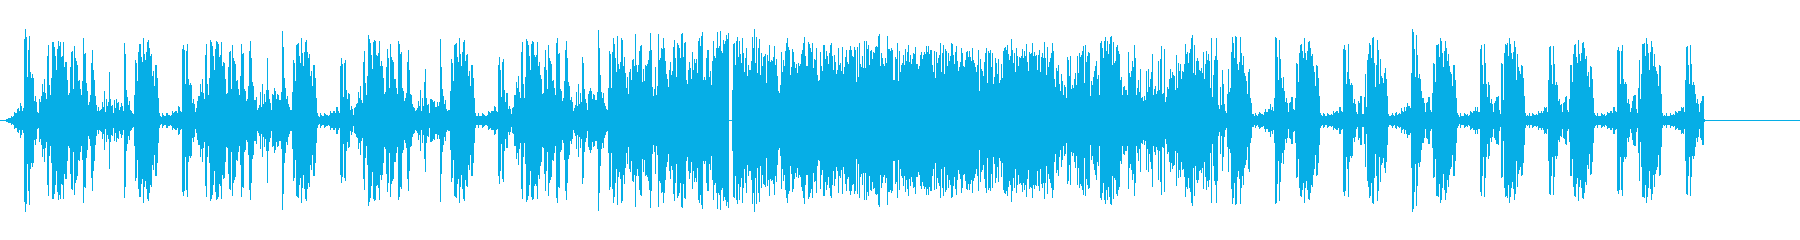 薄いスパッタ研削移行の再生済みの波形